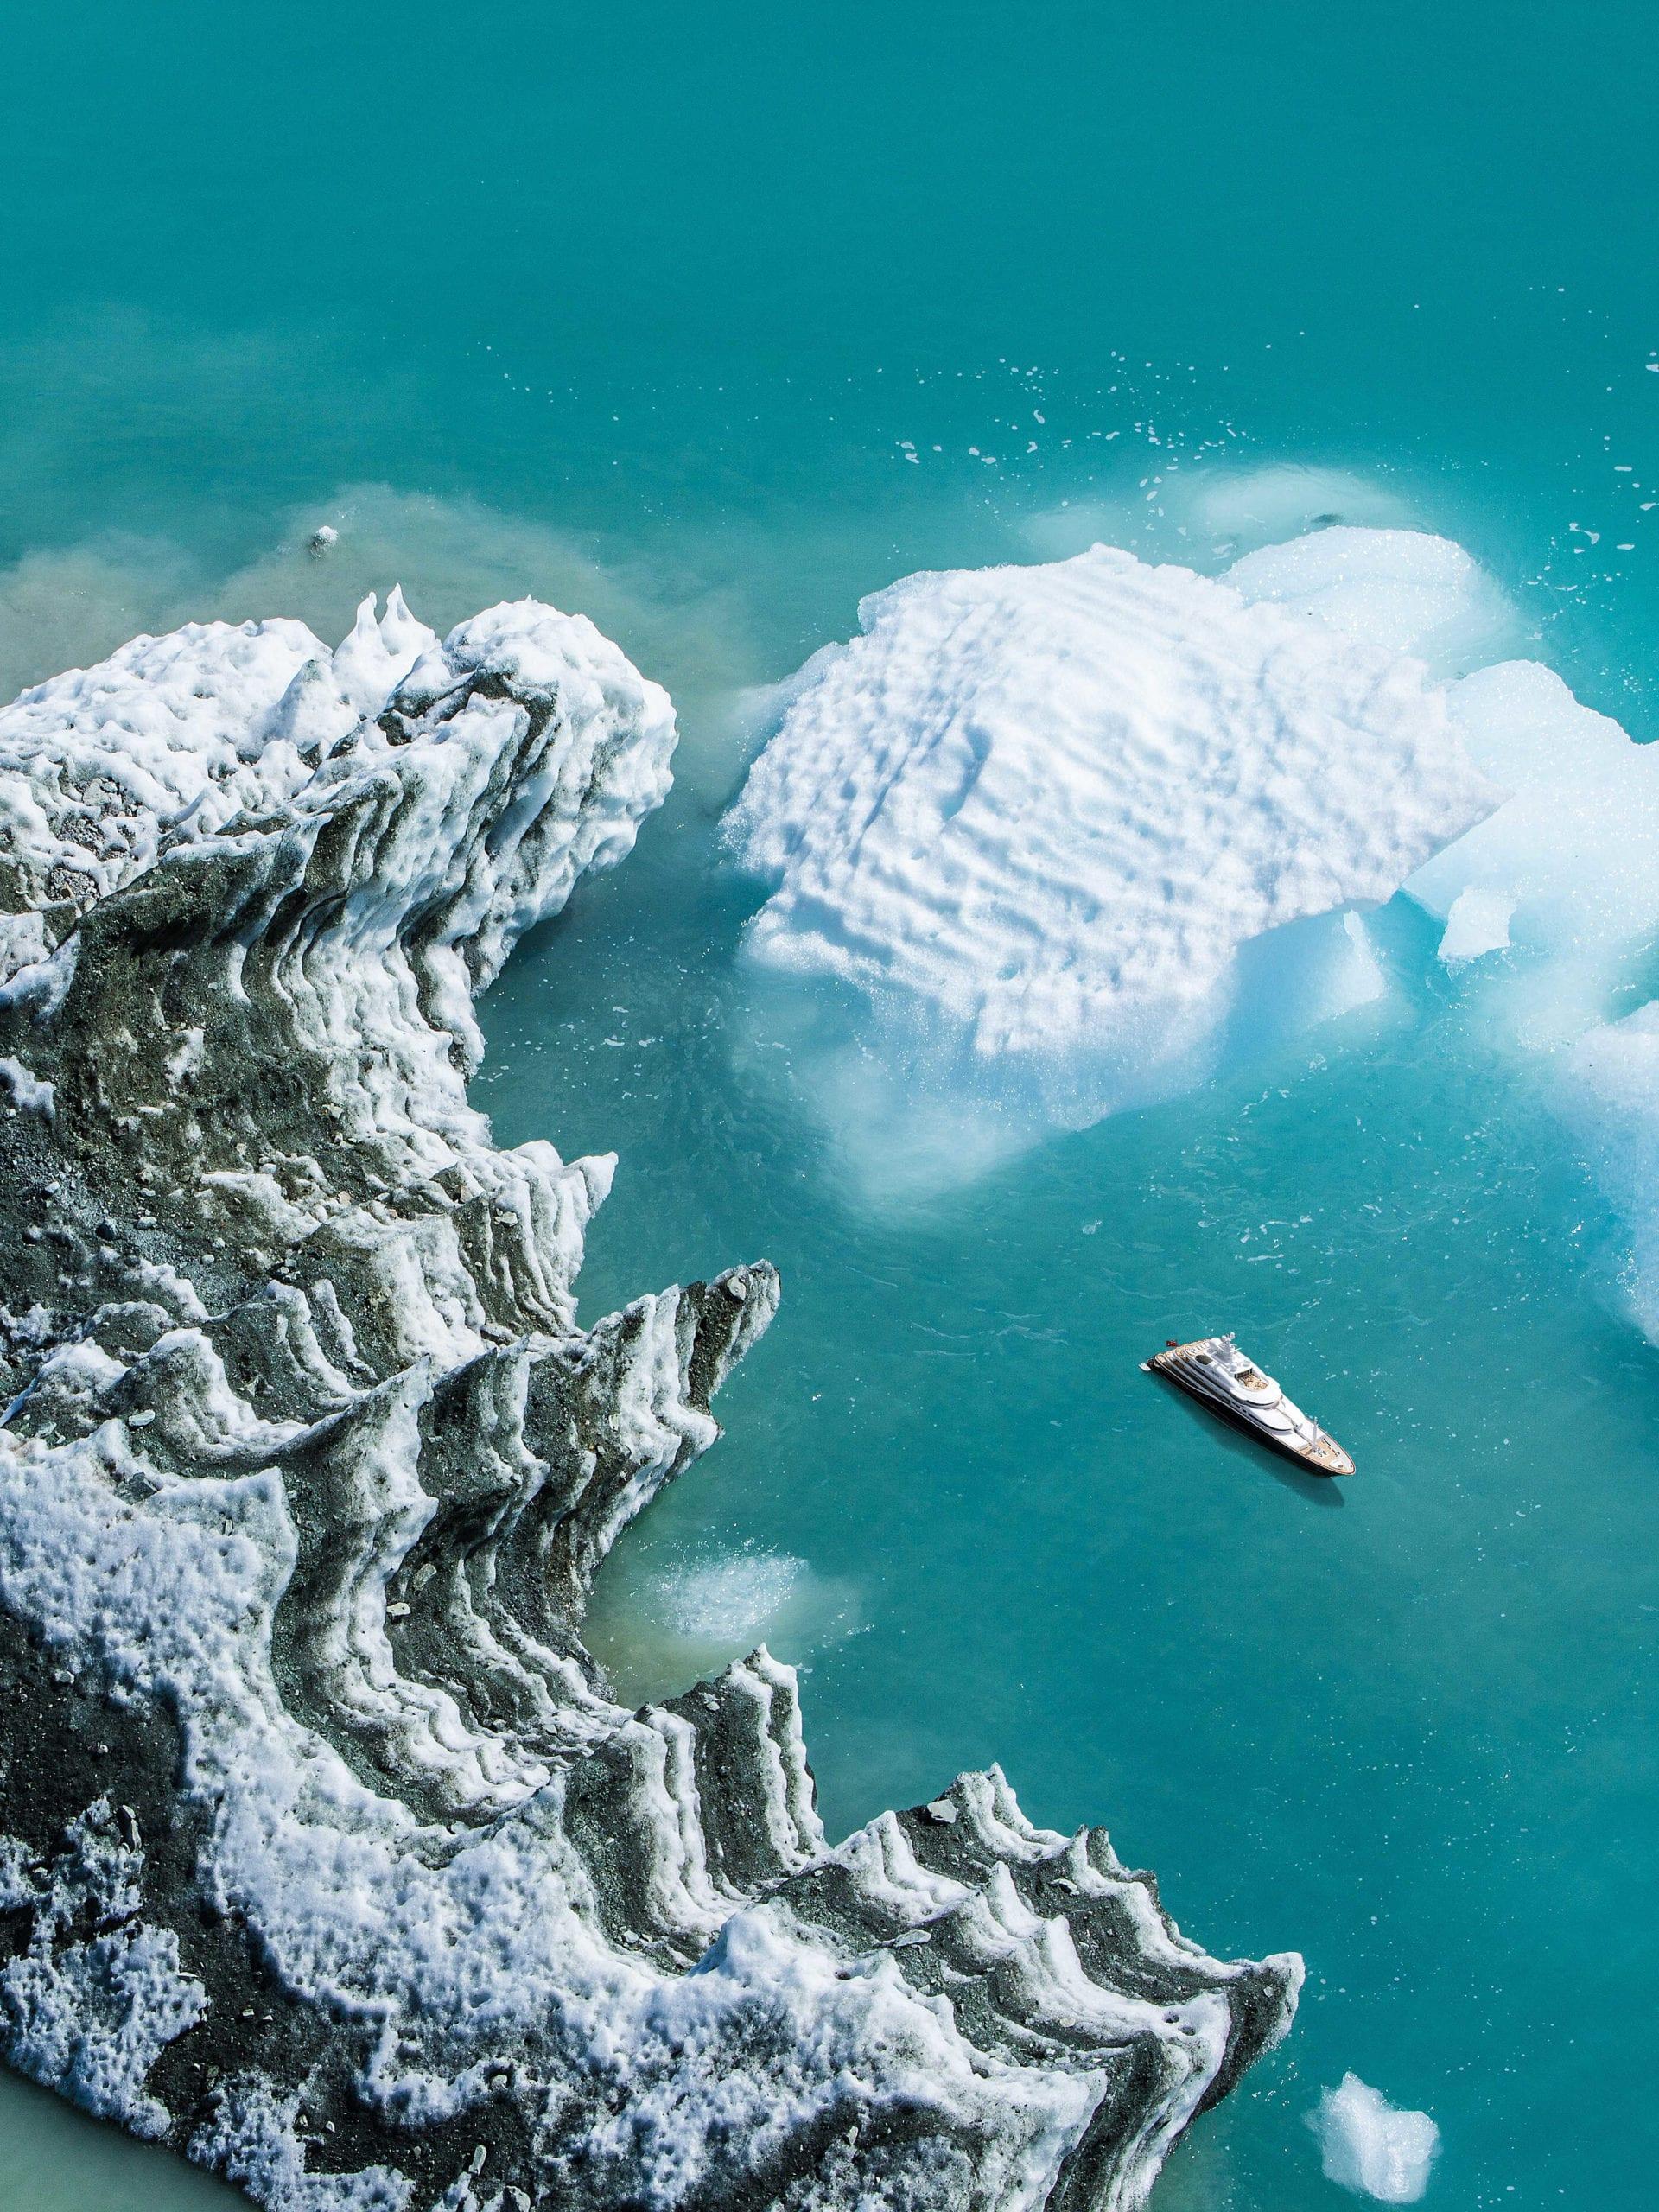 yacht ocean ice aerial